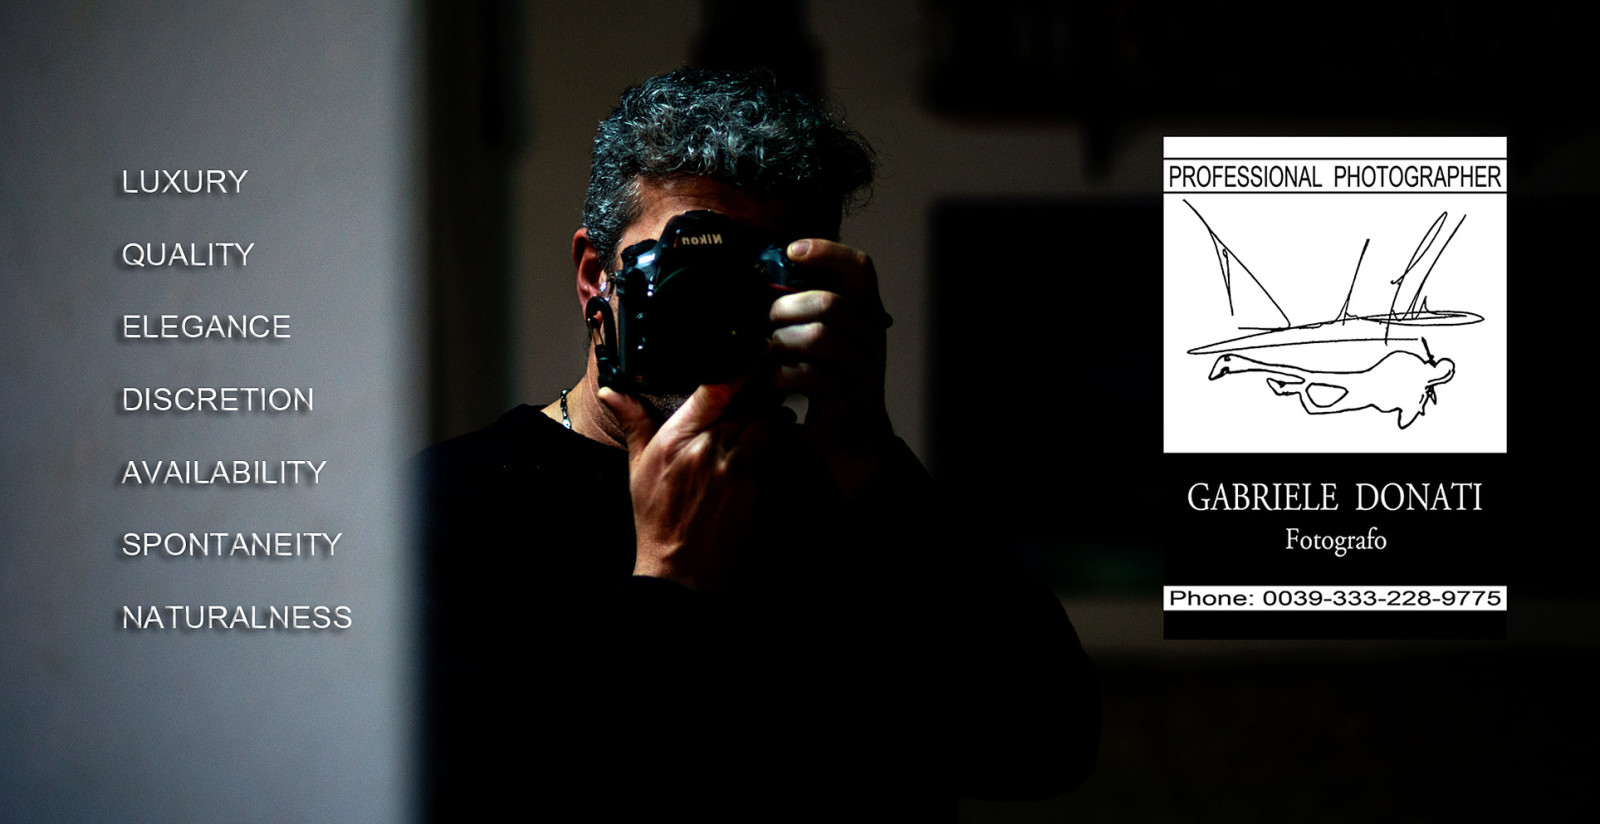 sito web del fotografo professionista Gabriele Donati di Siena.